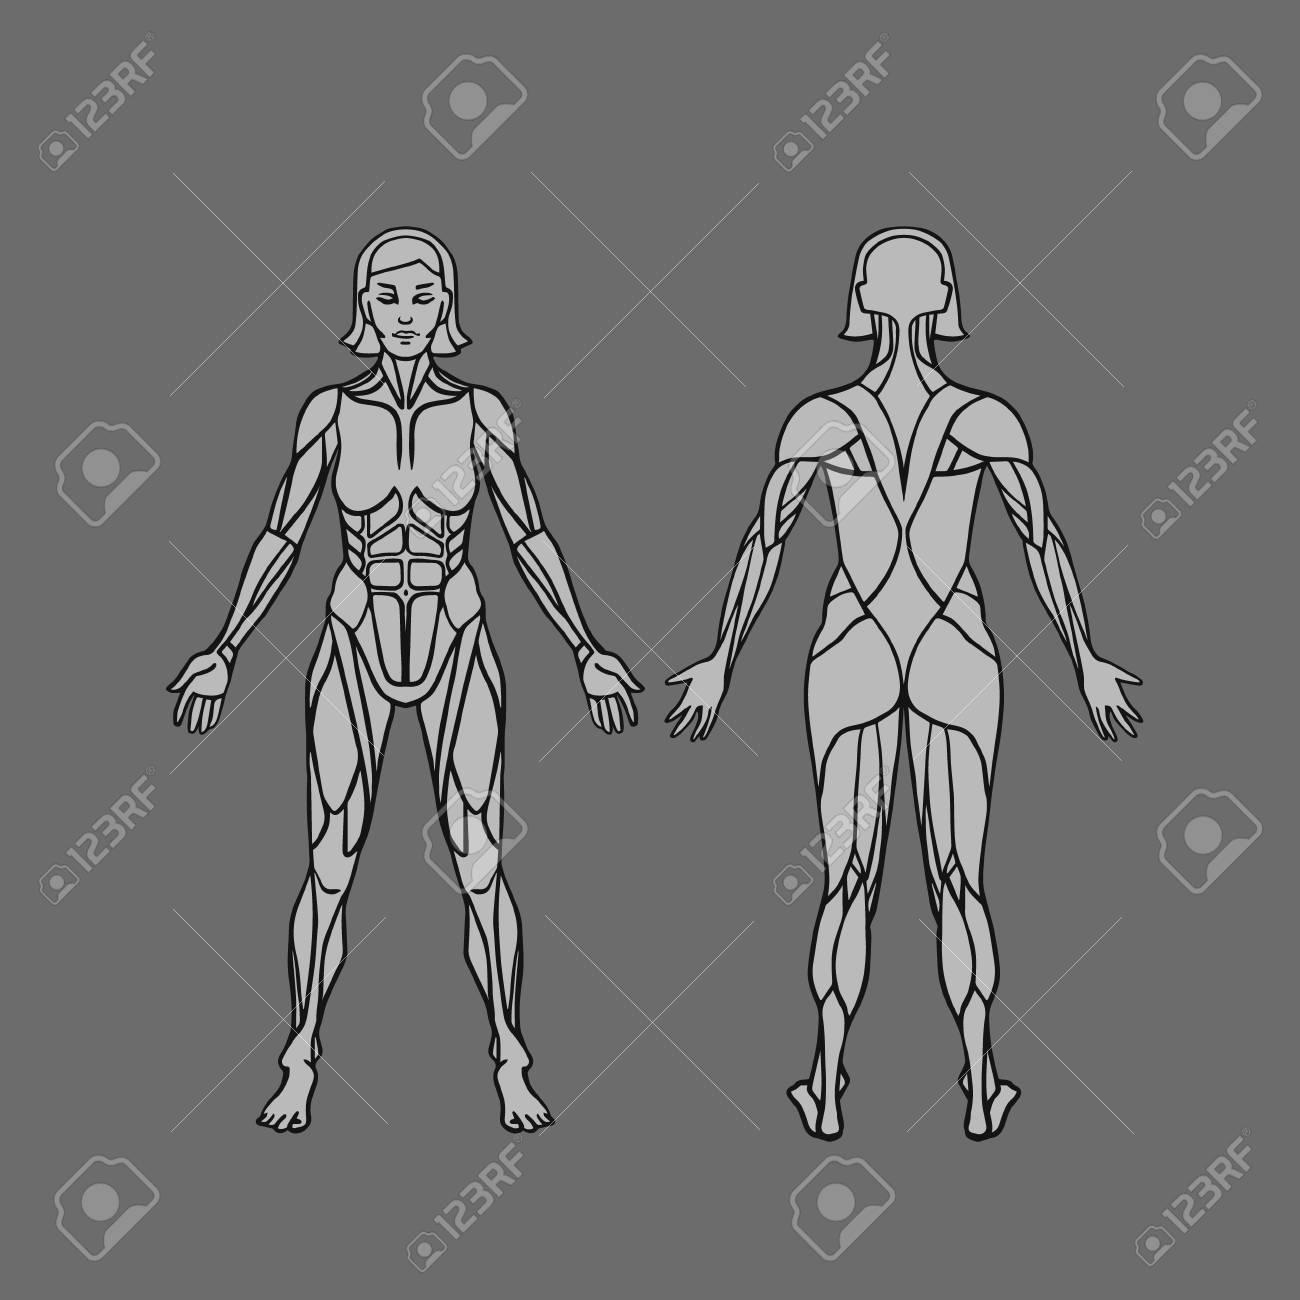 Anatomie Der Weiblichen Muskelsystem, Bewegung Und Muskelführung ...